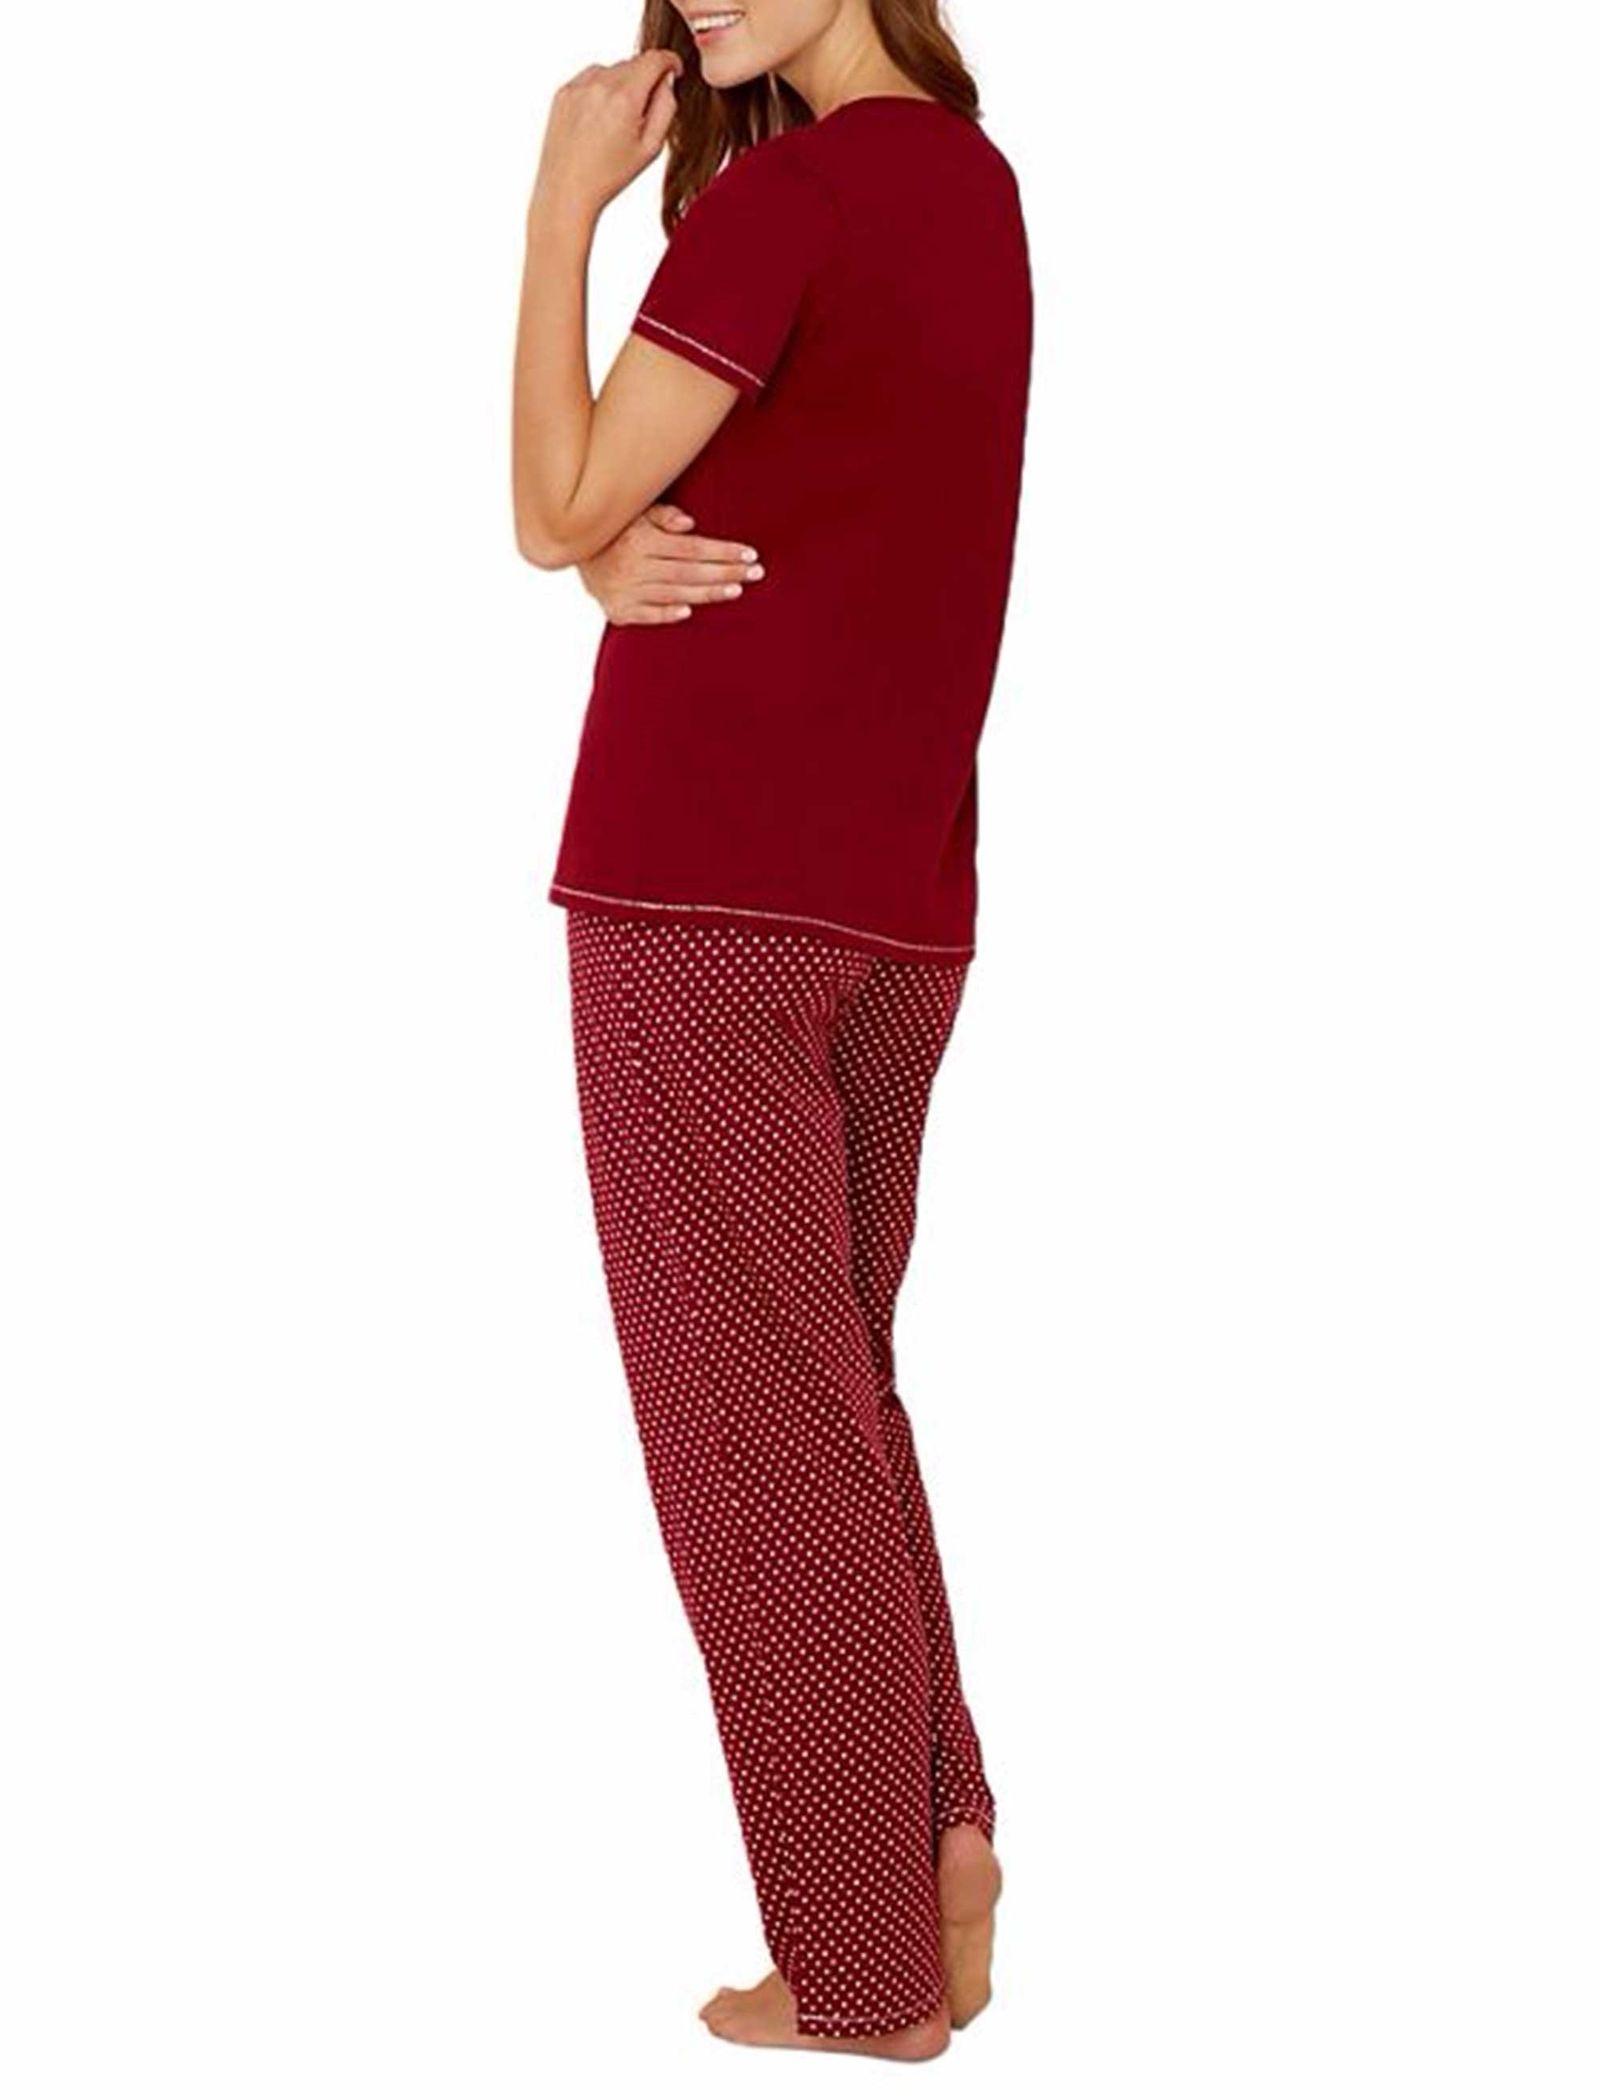 تی شرت و شلوار راحتی نخی زنانه - لانژ اند اسلیپ - قرمز - 11